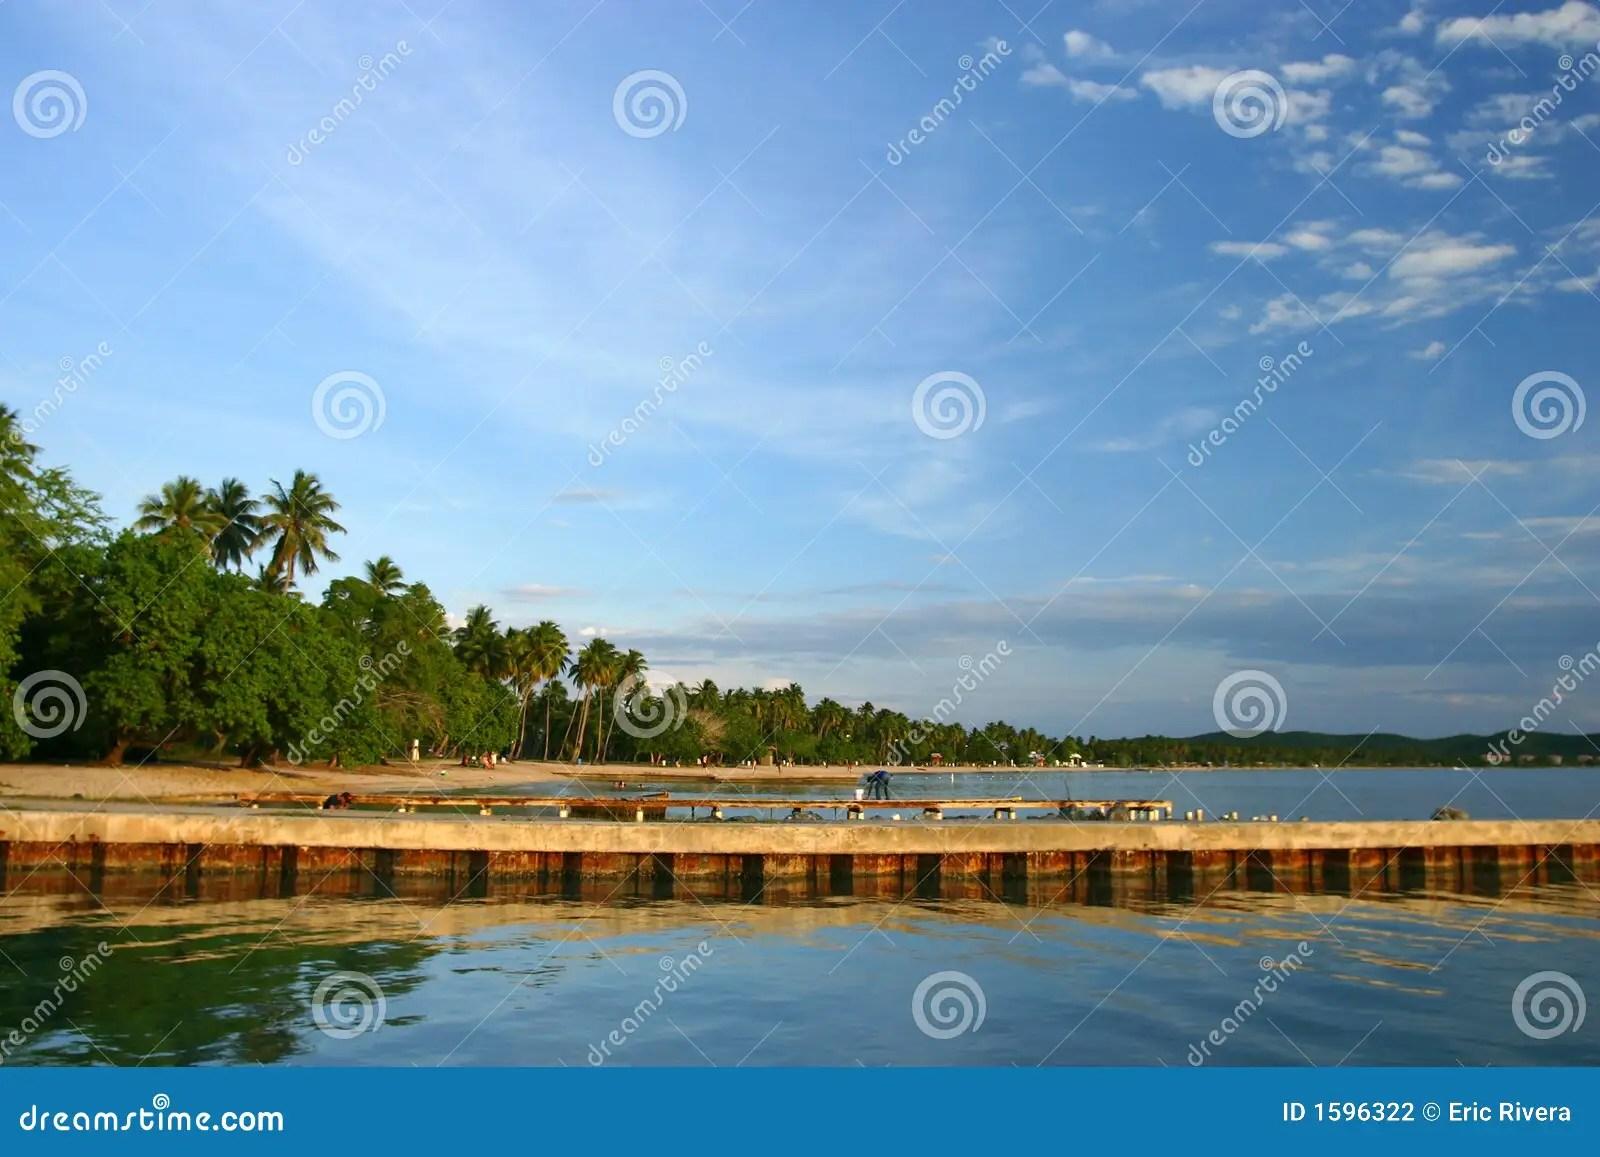 Boqueron Beach Pier At Puerto Rico Stock Photography